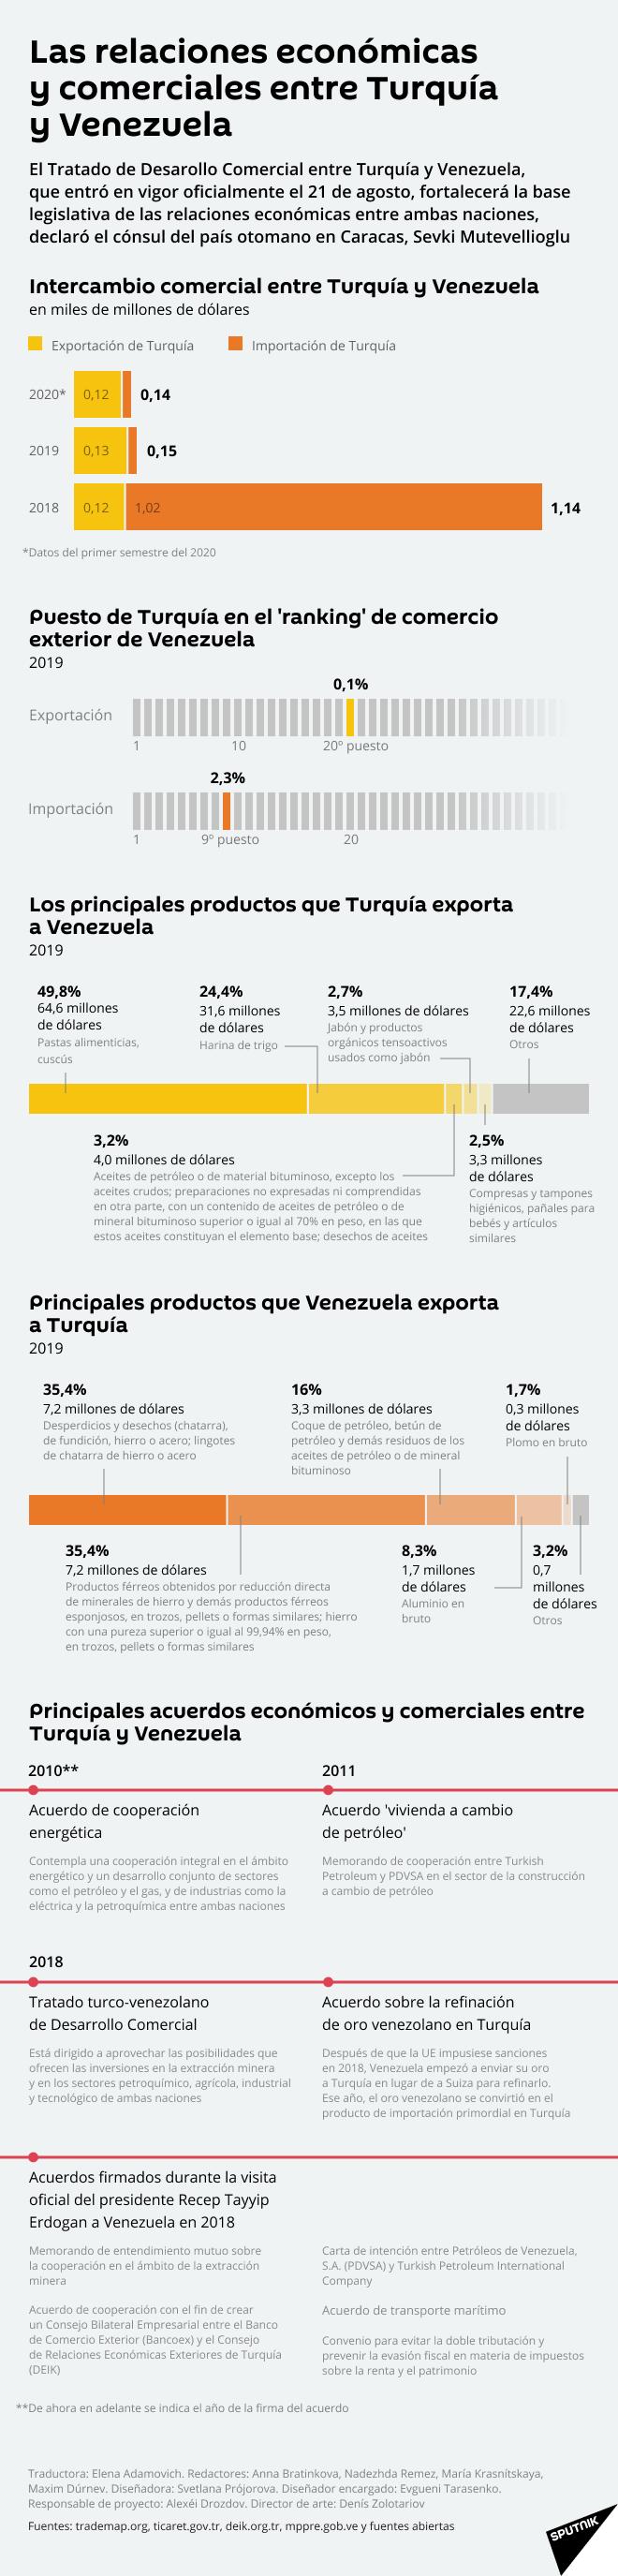 El nuevo Tratado de Desarrollo Comercial entre Turquía y Venezuela - Sputnik Mundo